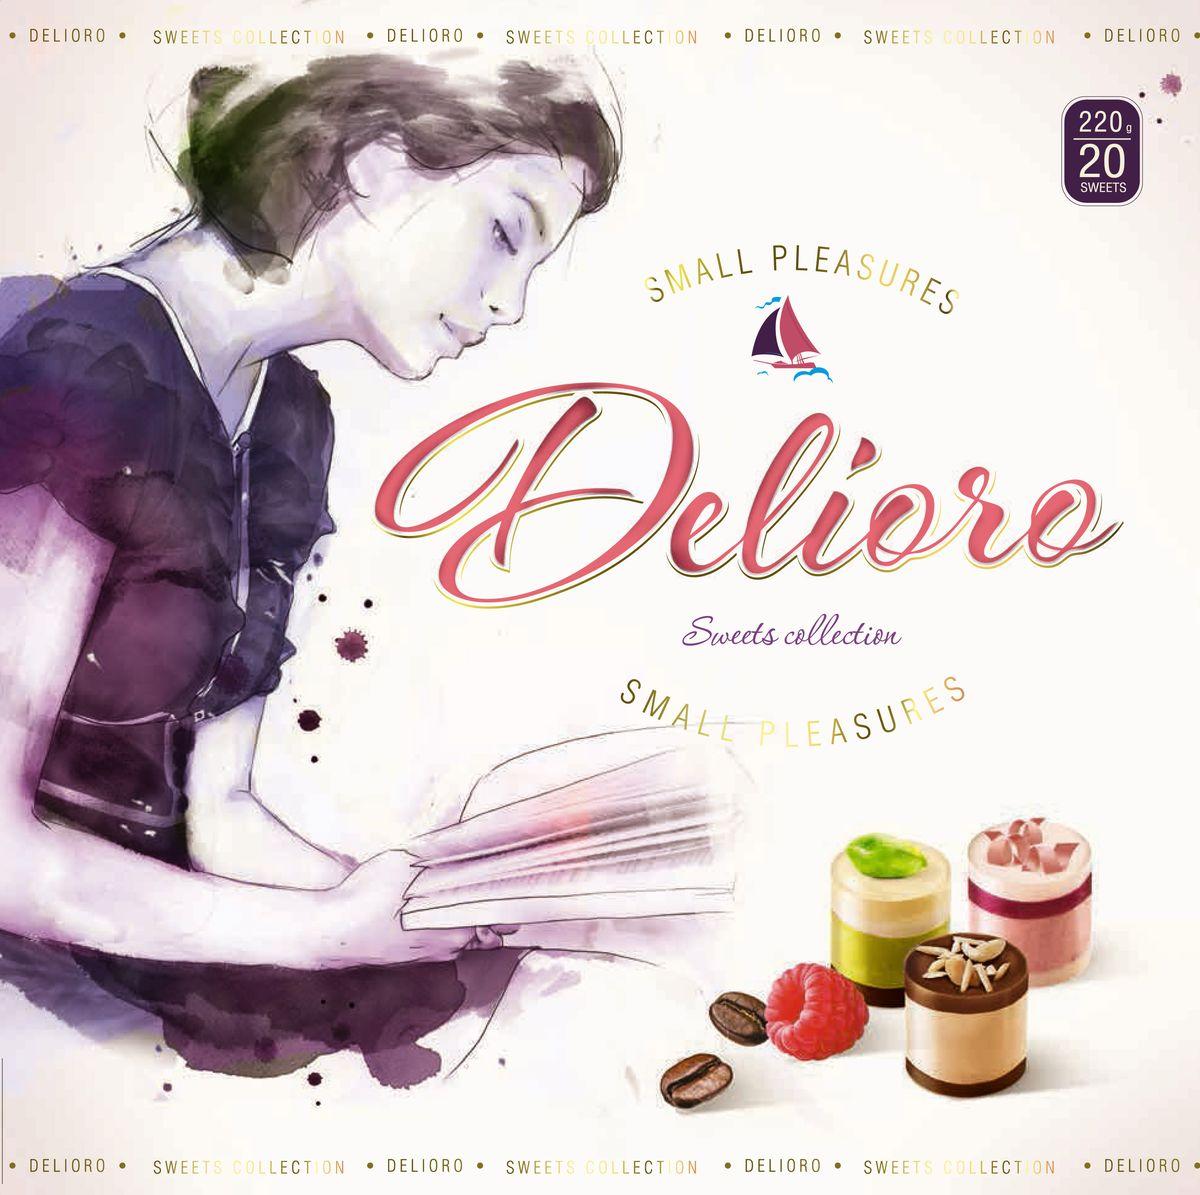 Delioro Коллекция изысканных конфет с ганашем и кремом, 220 г кто быстрее две игрушки с цукатами 5 г